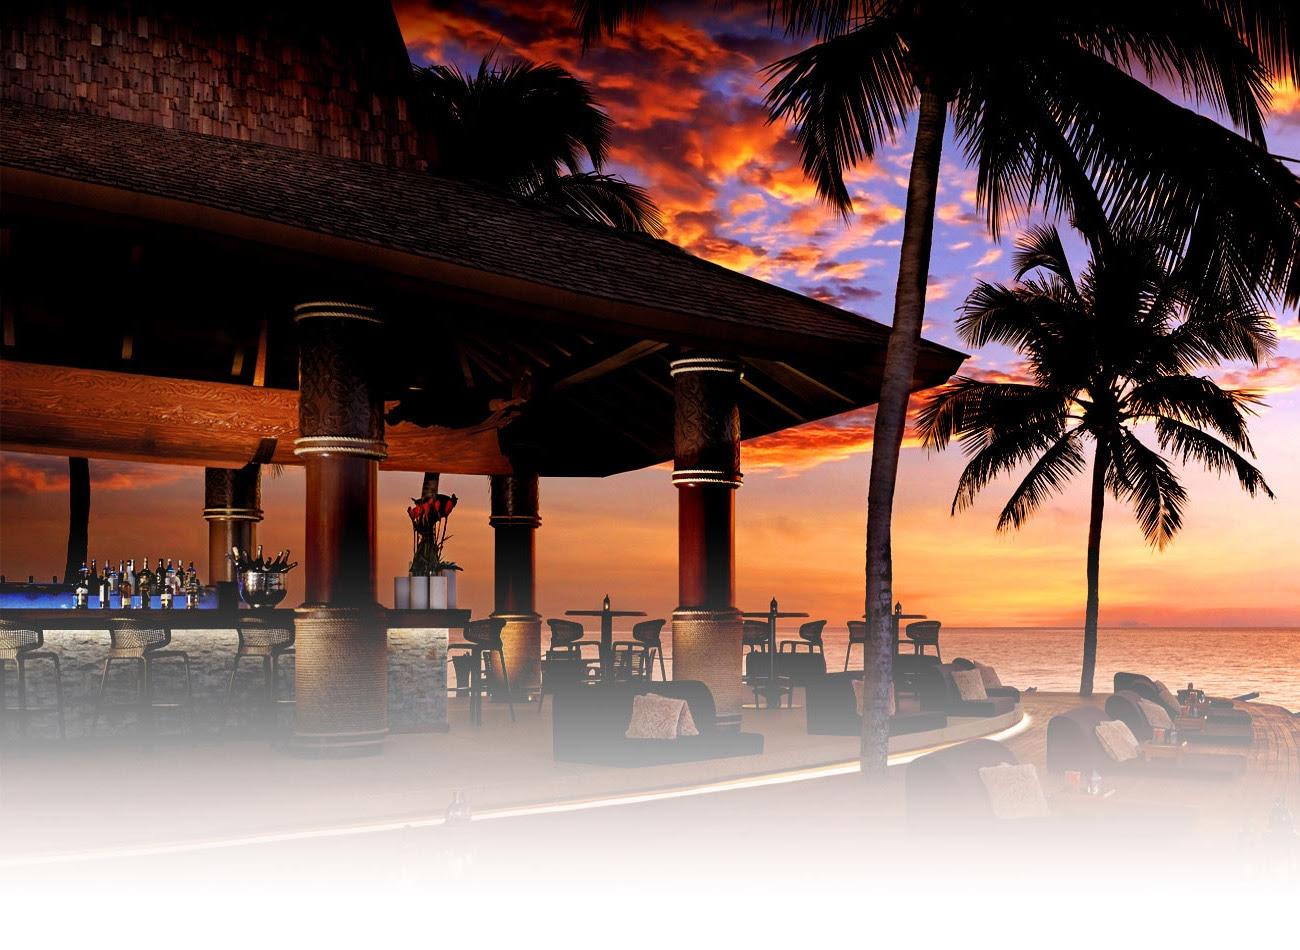 Kota Kinabalu Beach Bar